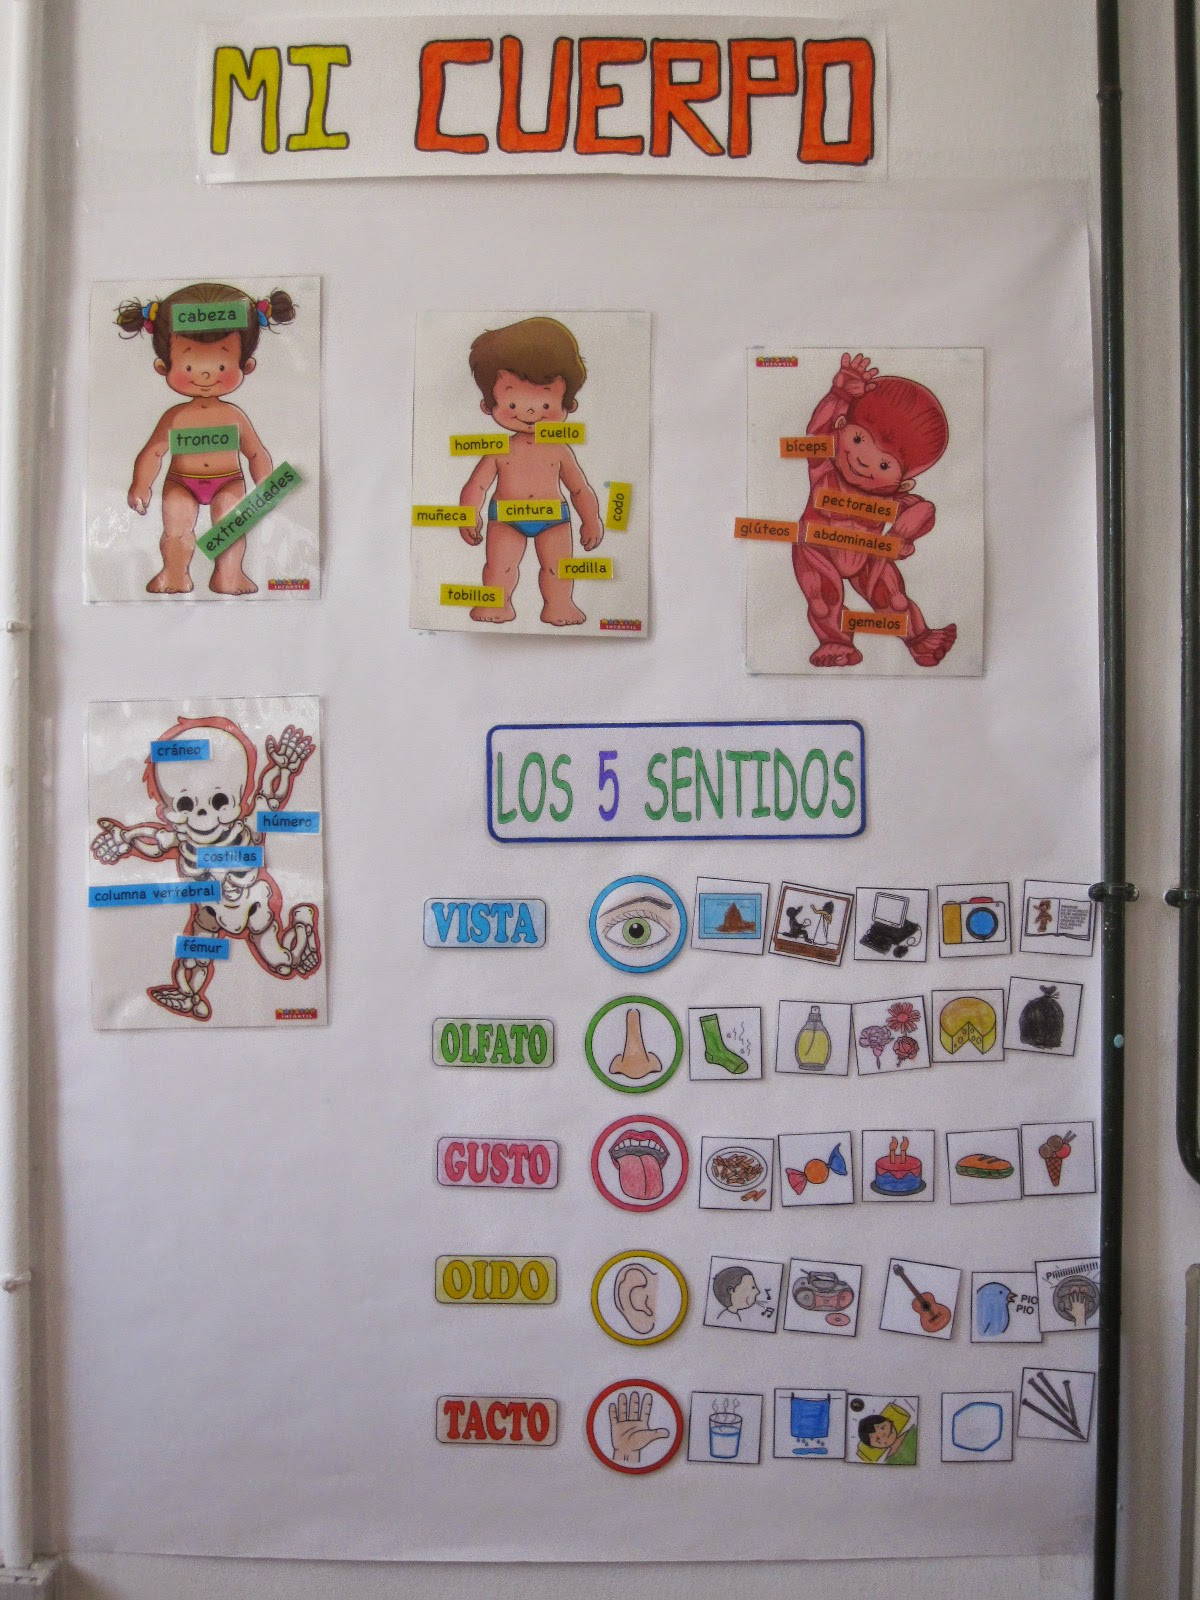 Pequefactoria mural el cuerpo y los sentidos for Mural de los 5 sentidos